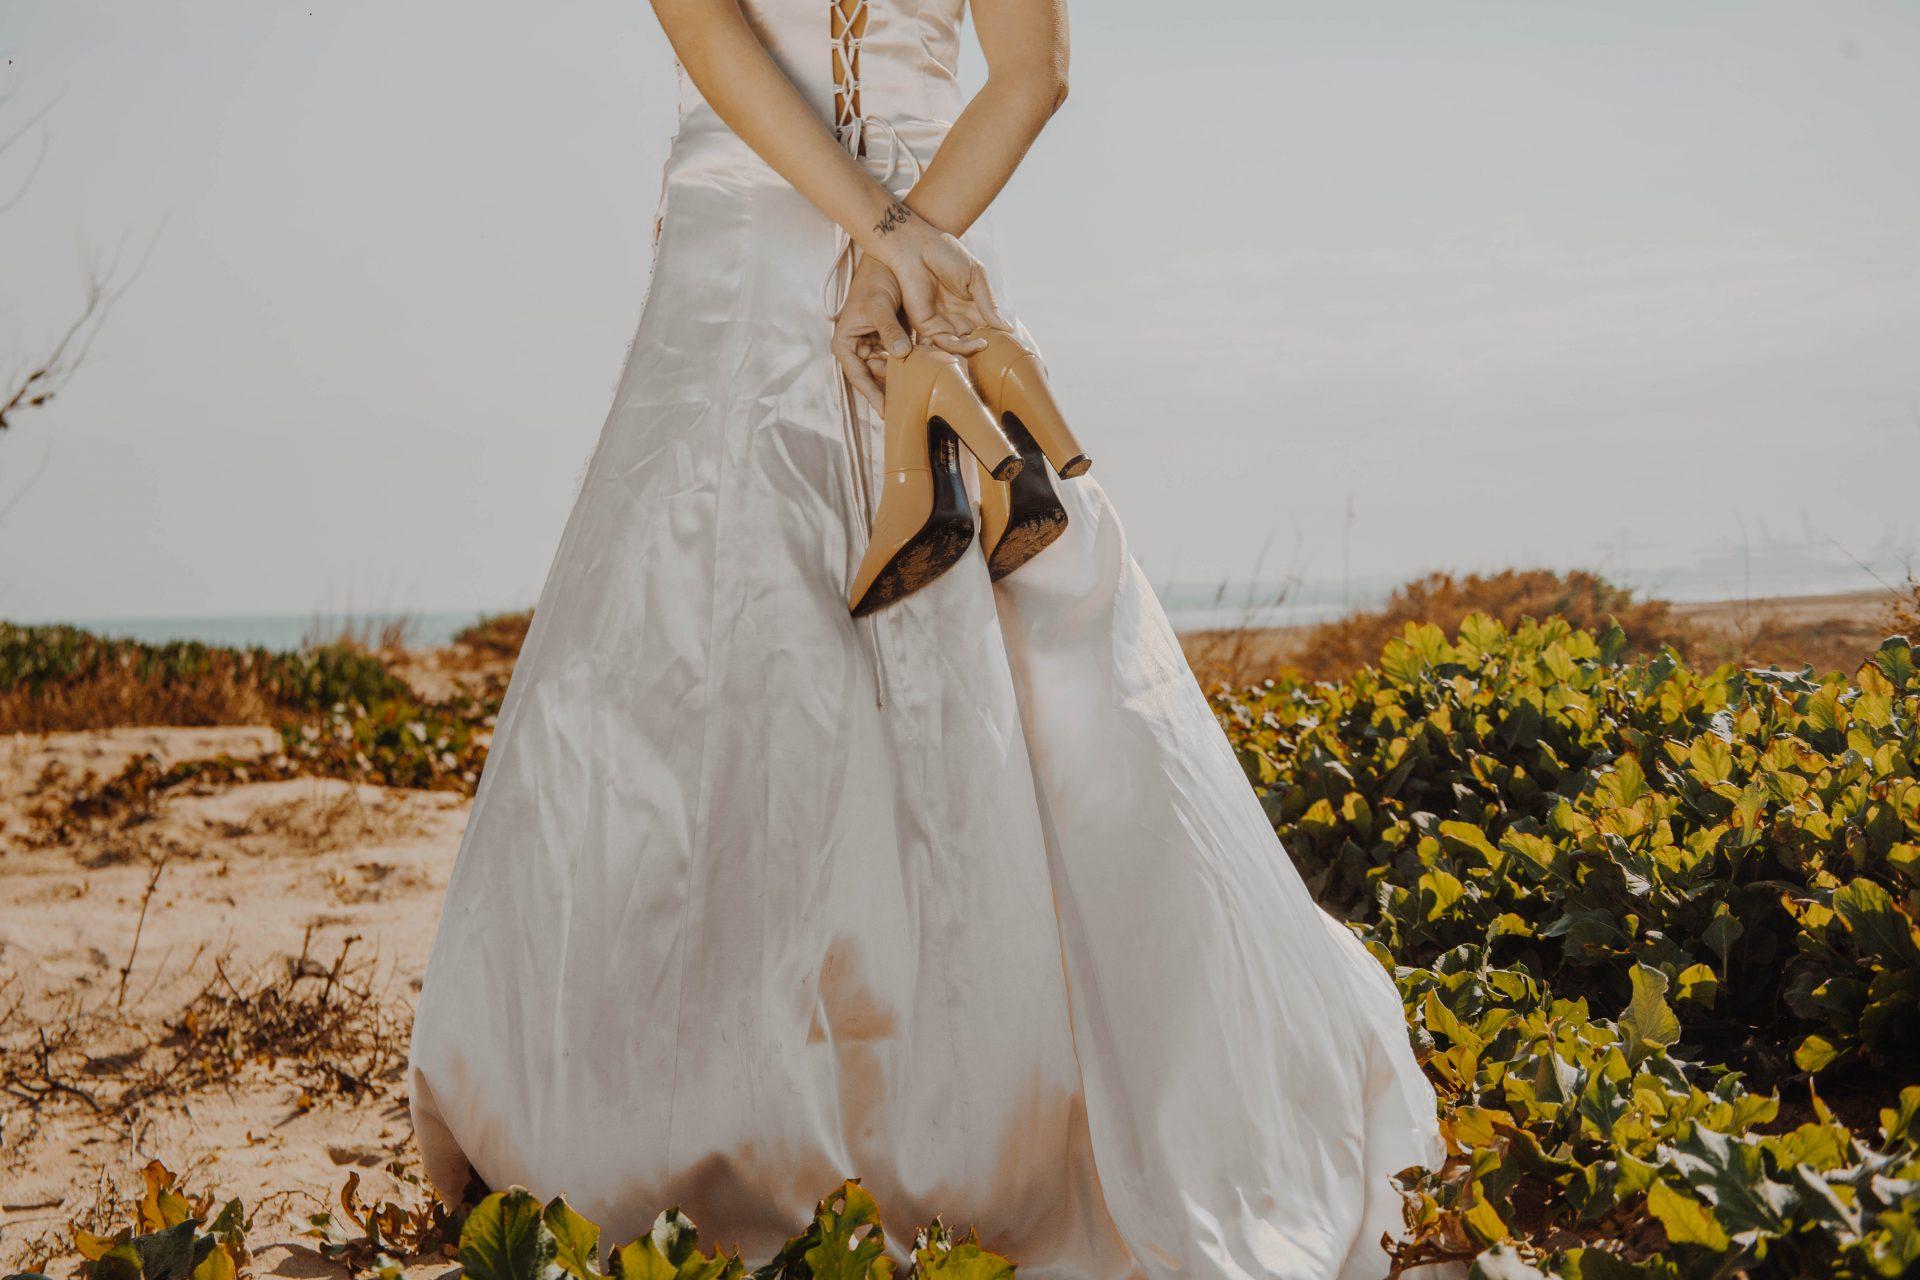 fotografo-de-bodas-valencia-ibiza-alicante-castellon-marbella-madrid-barcelona 8